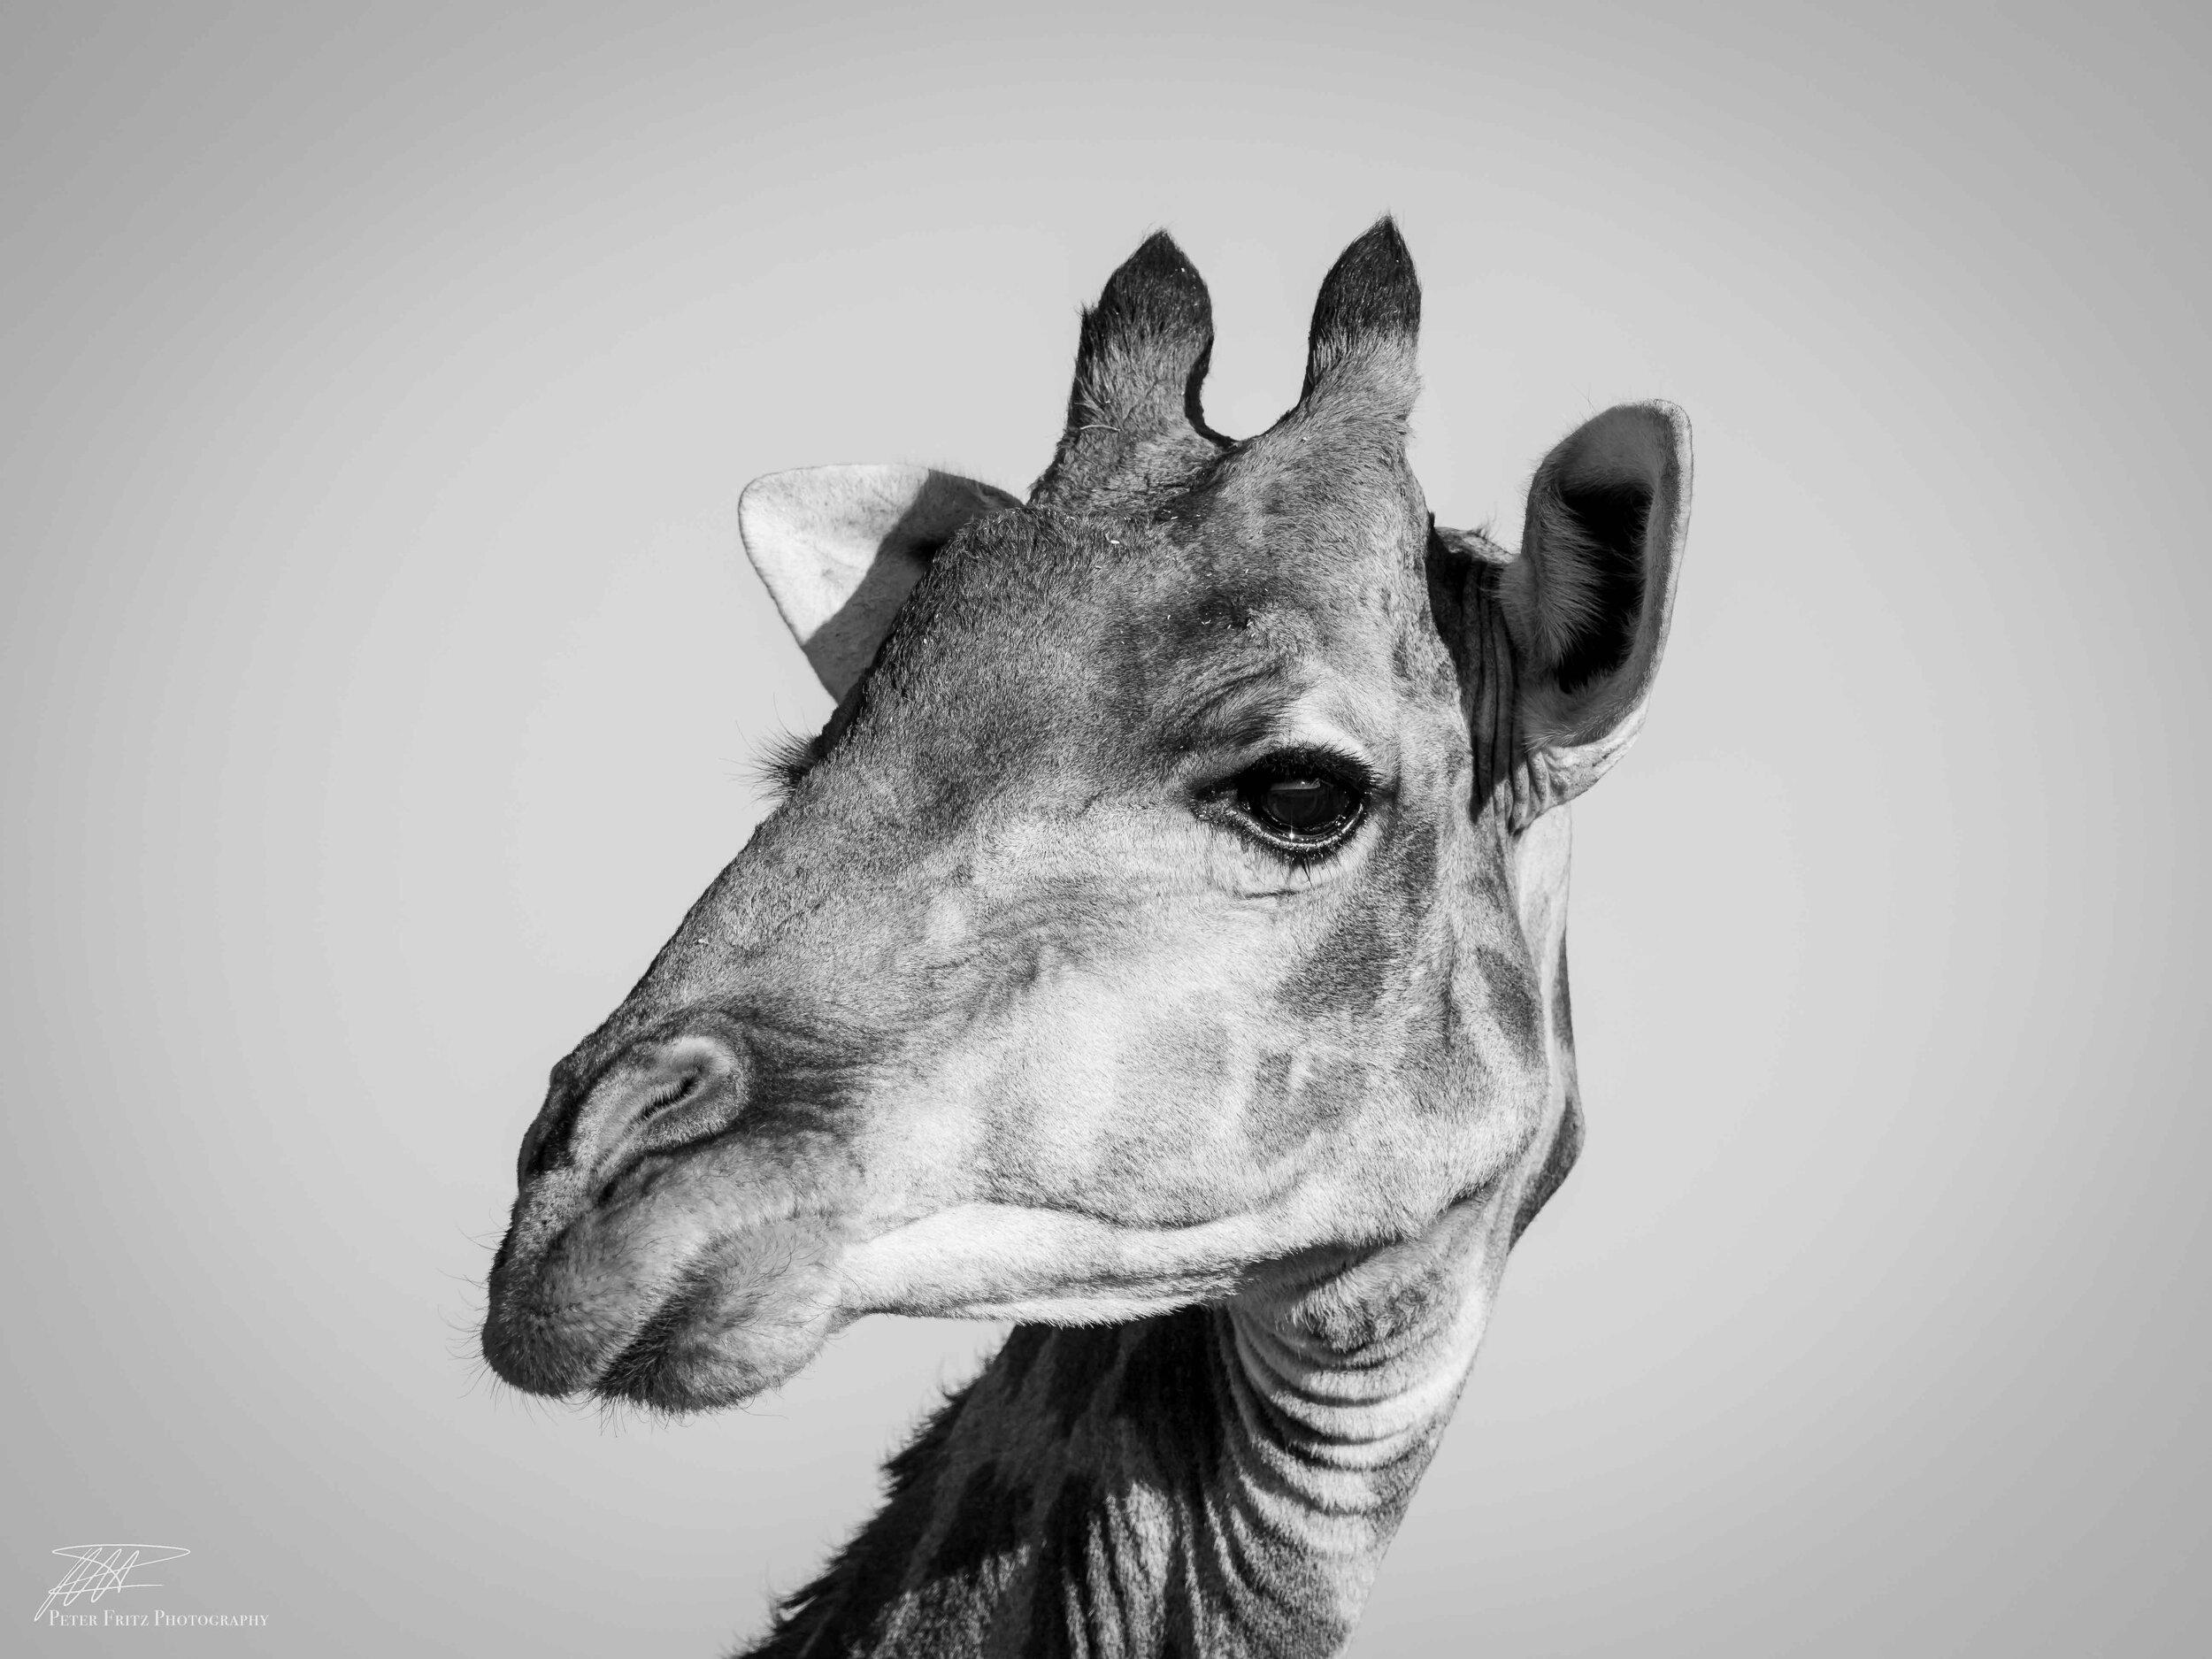 Giraffe bnw Side on web.jpg